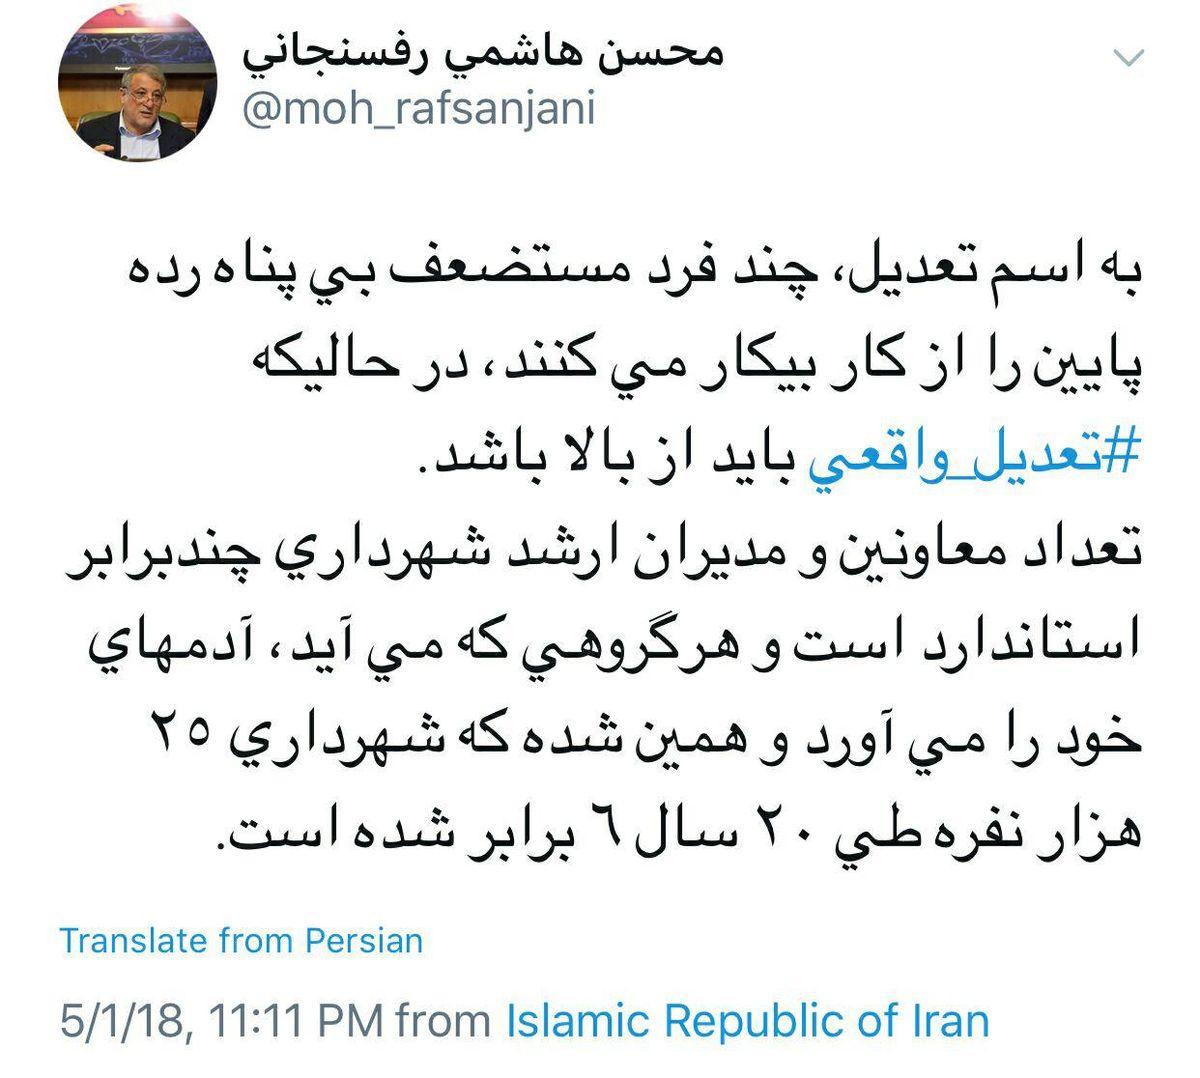 واکنش رییس شورای شهر تهران به تعدیل نیروهای شهرداری